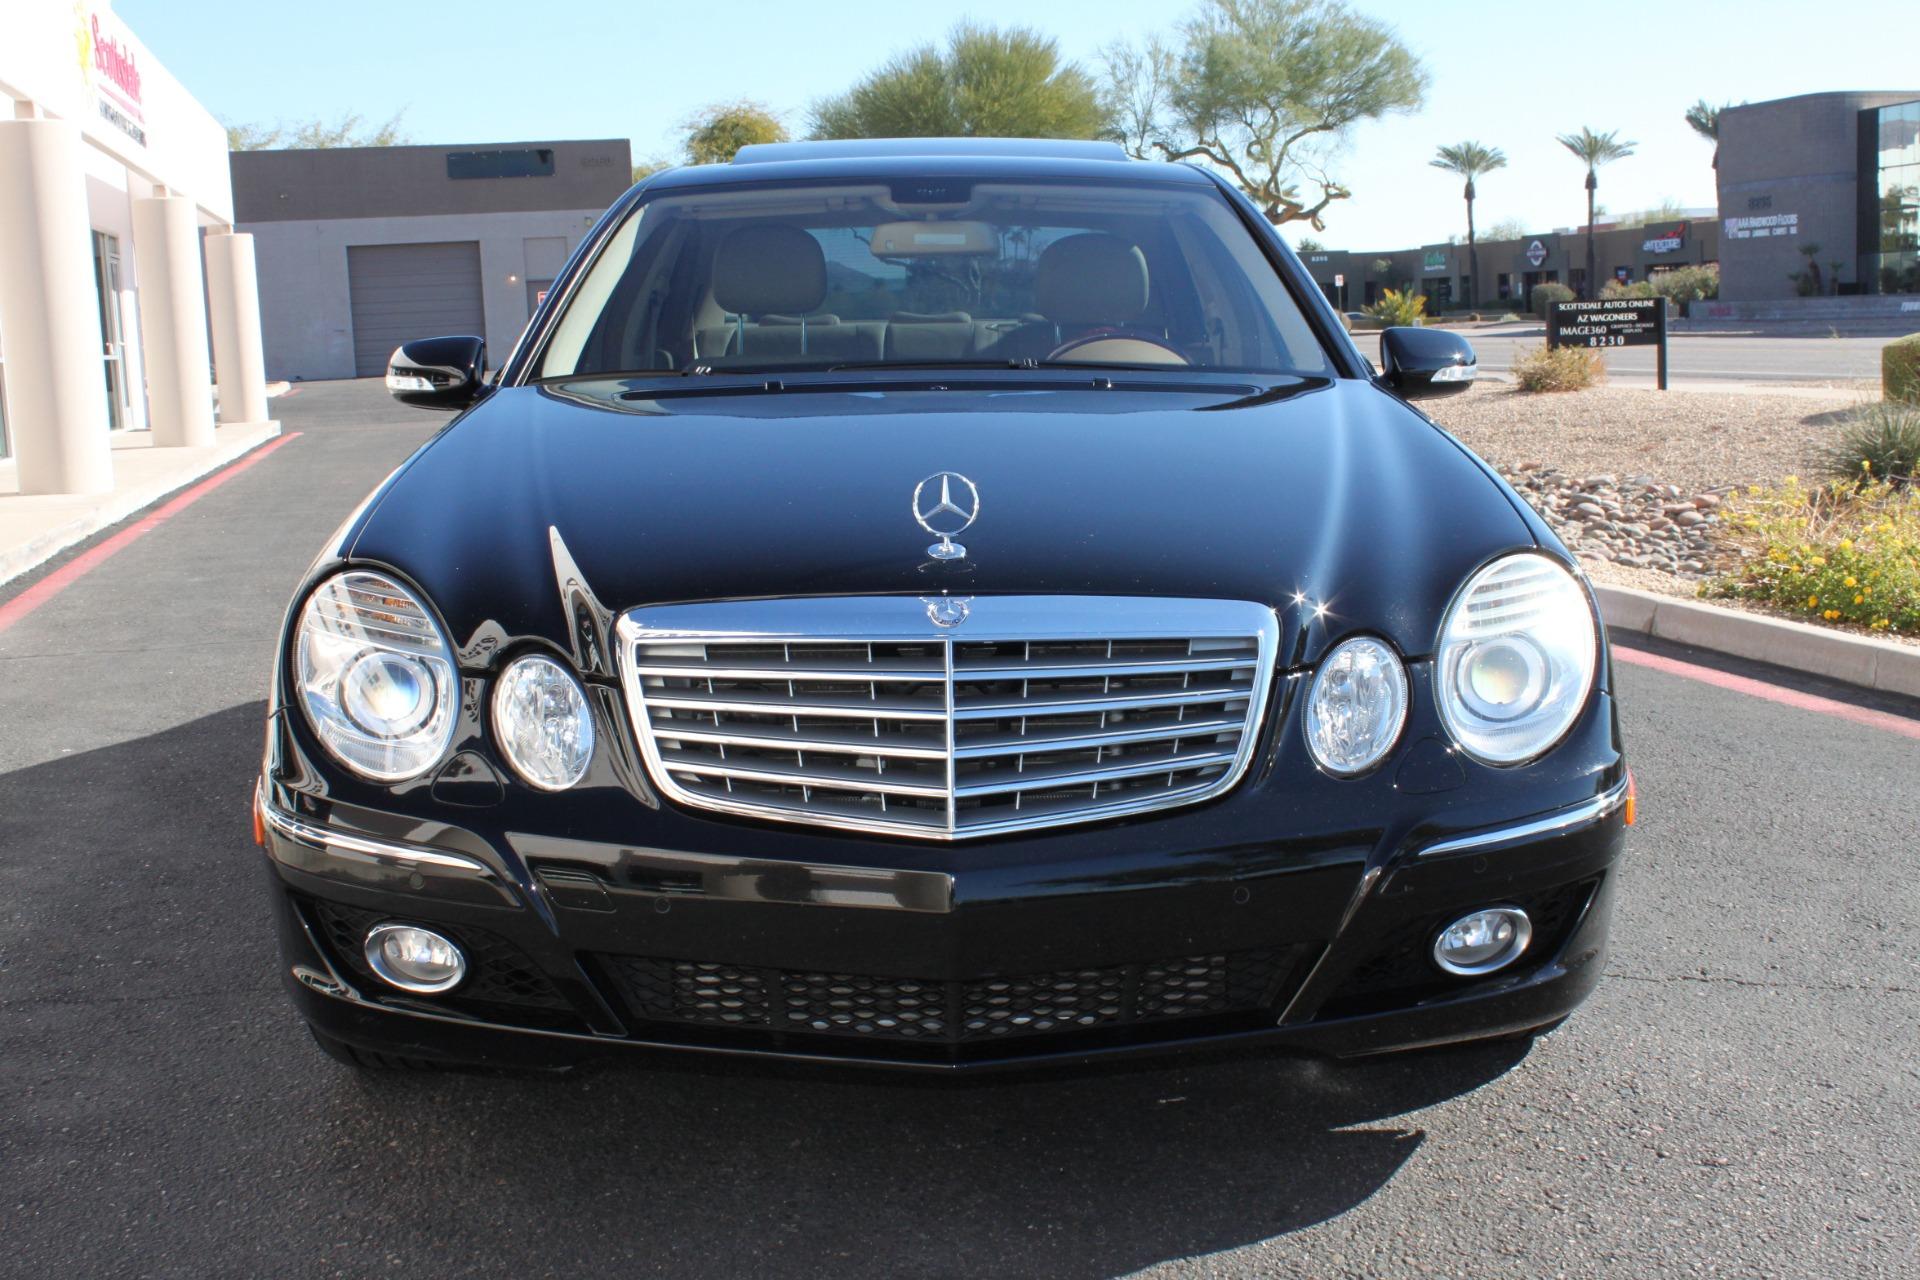 Used-2009-Mercedes-Benz-E-Class-E320-30L-BlueTEC-Wrangler